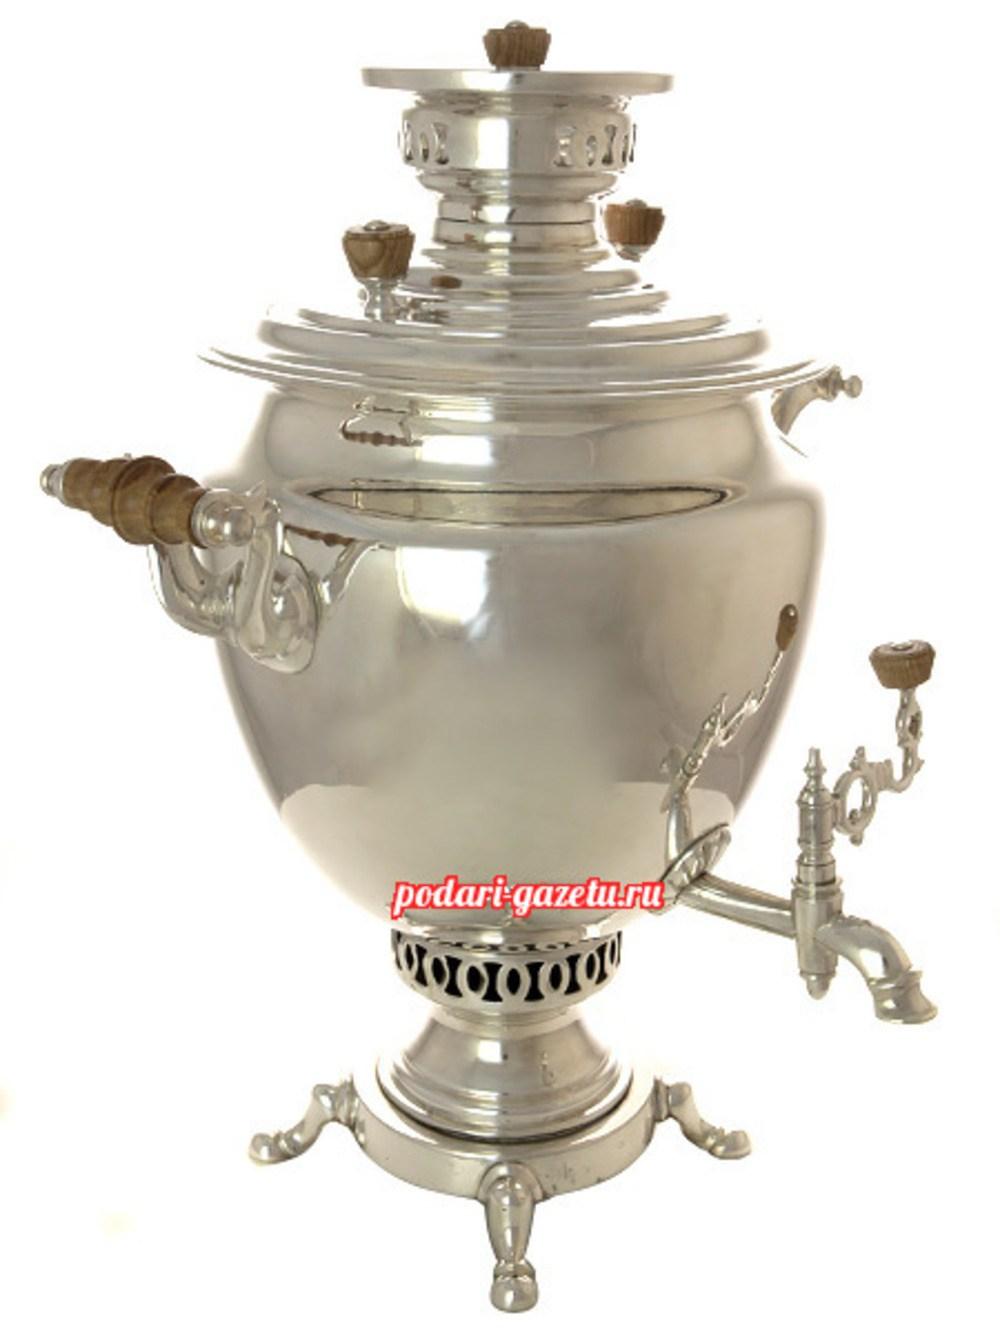 Угольный самовар (жаровой, дровяной) (6 литров) посеребренный получаша